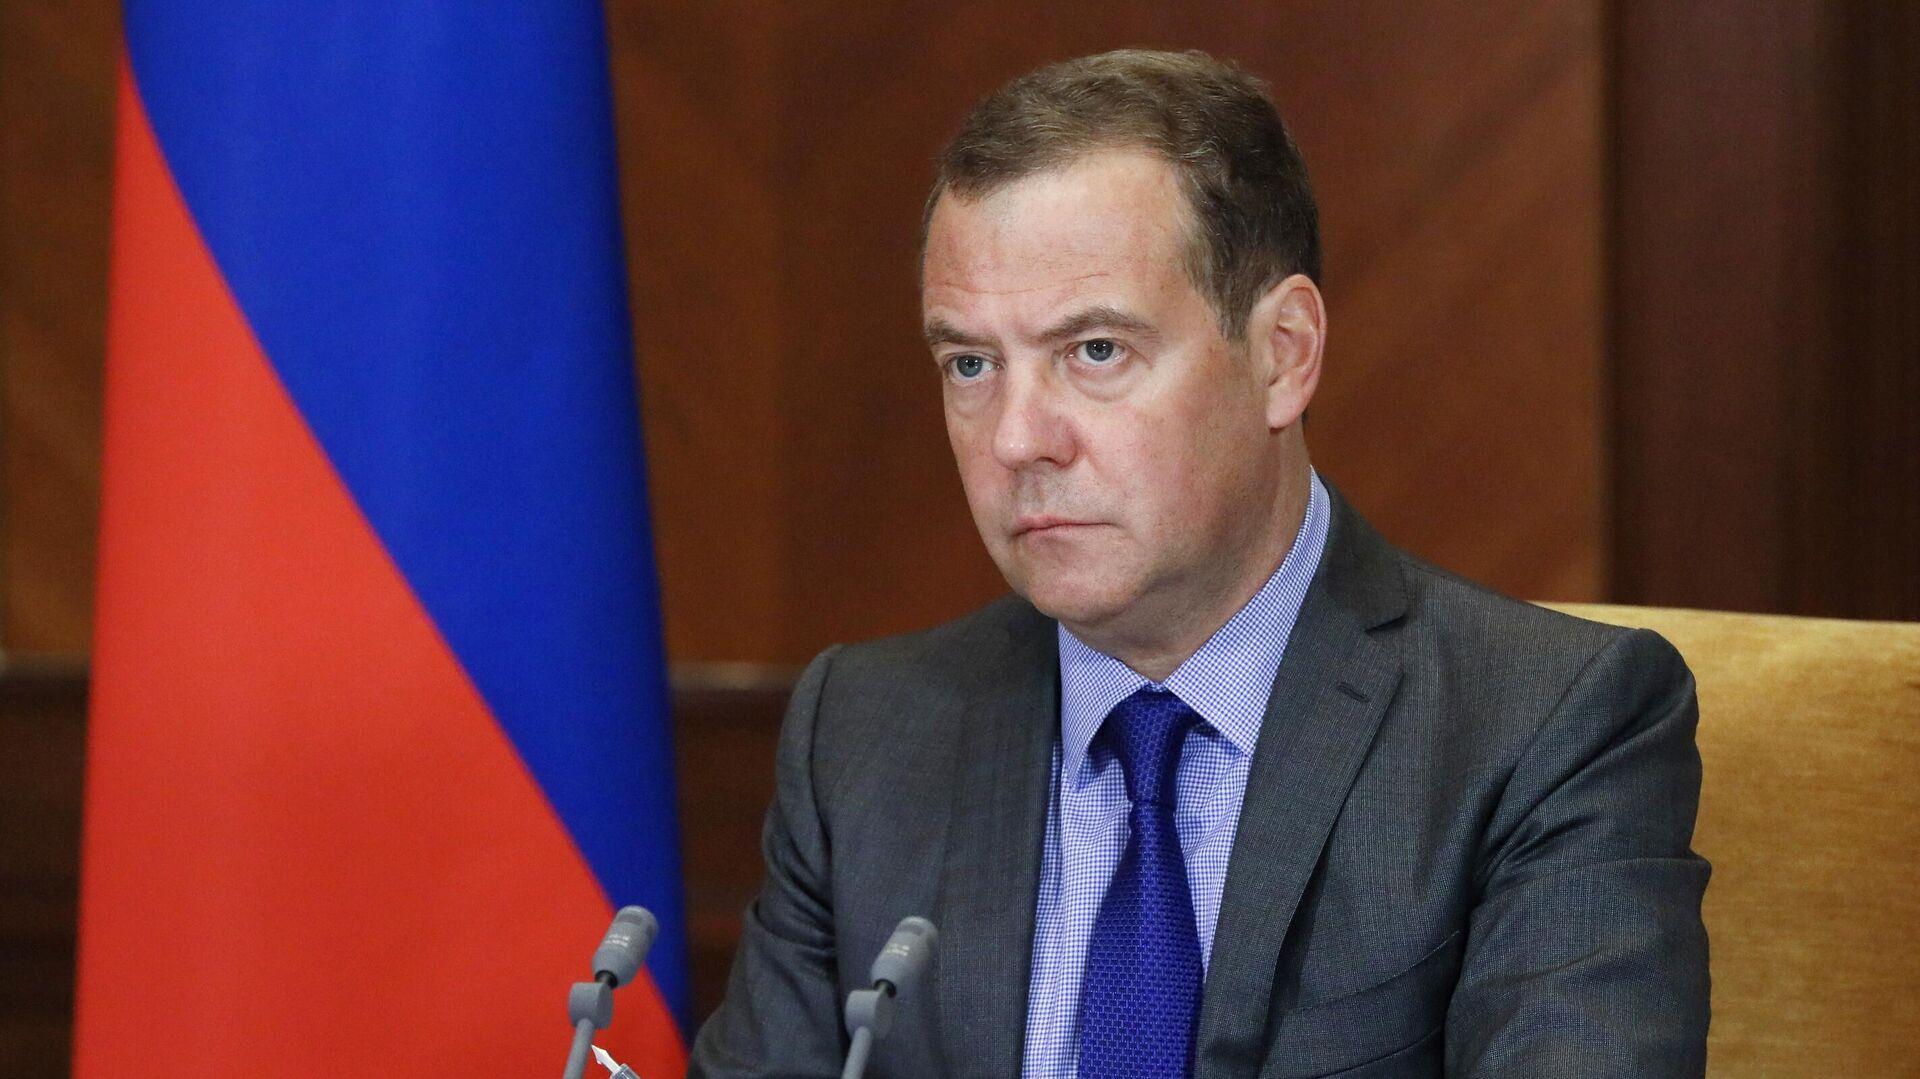 Zamenik predsedavajućeg Saveta bezbednosti Rusije Dmitrij Medvedev  - Sputnik Srbija, 1920, 28.09.2021